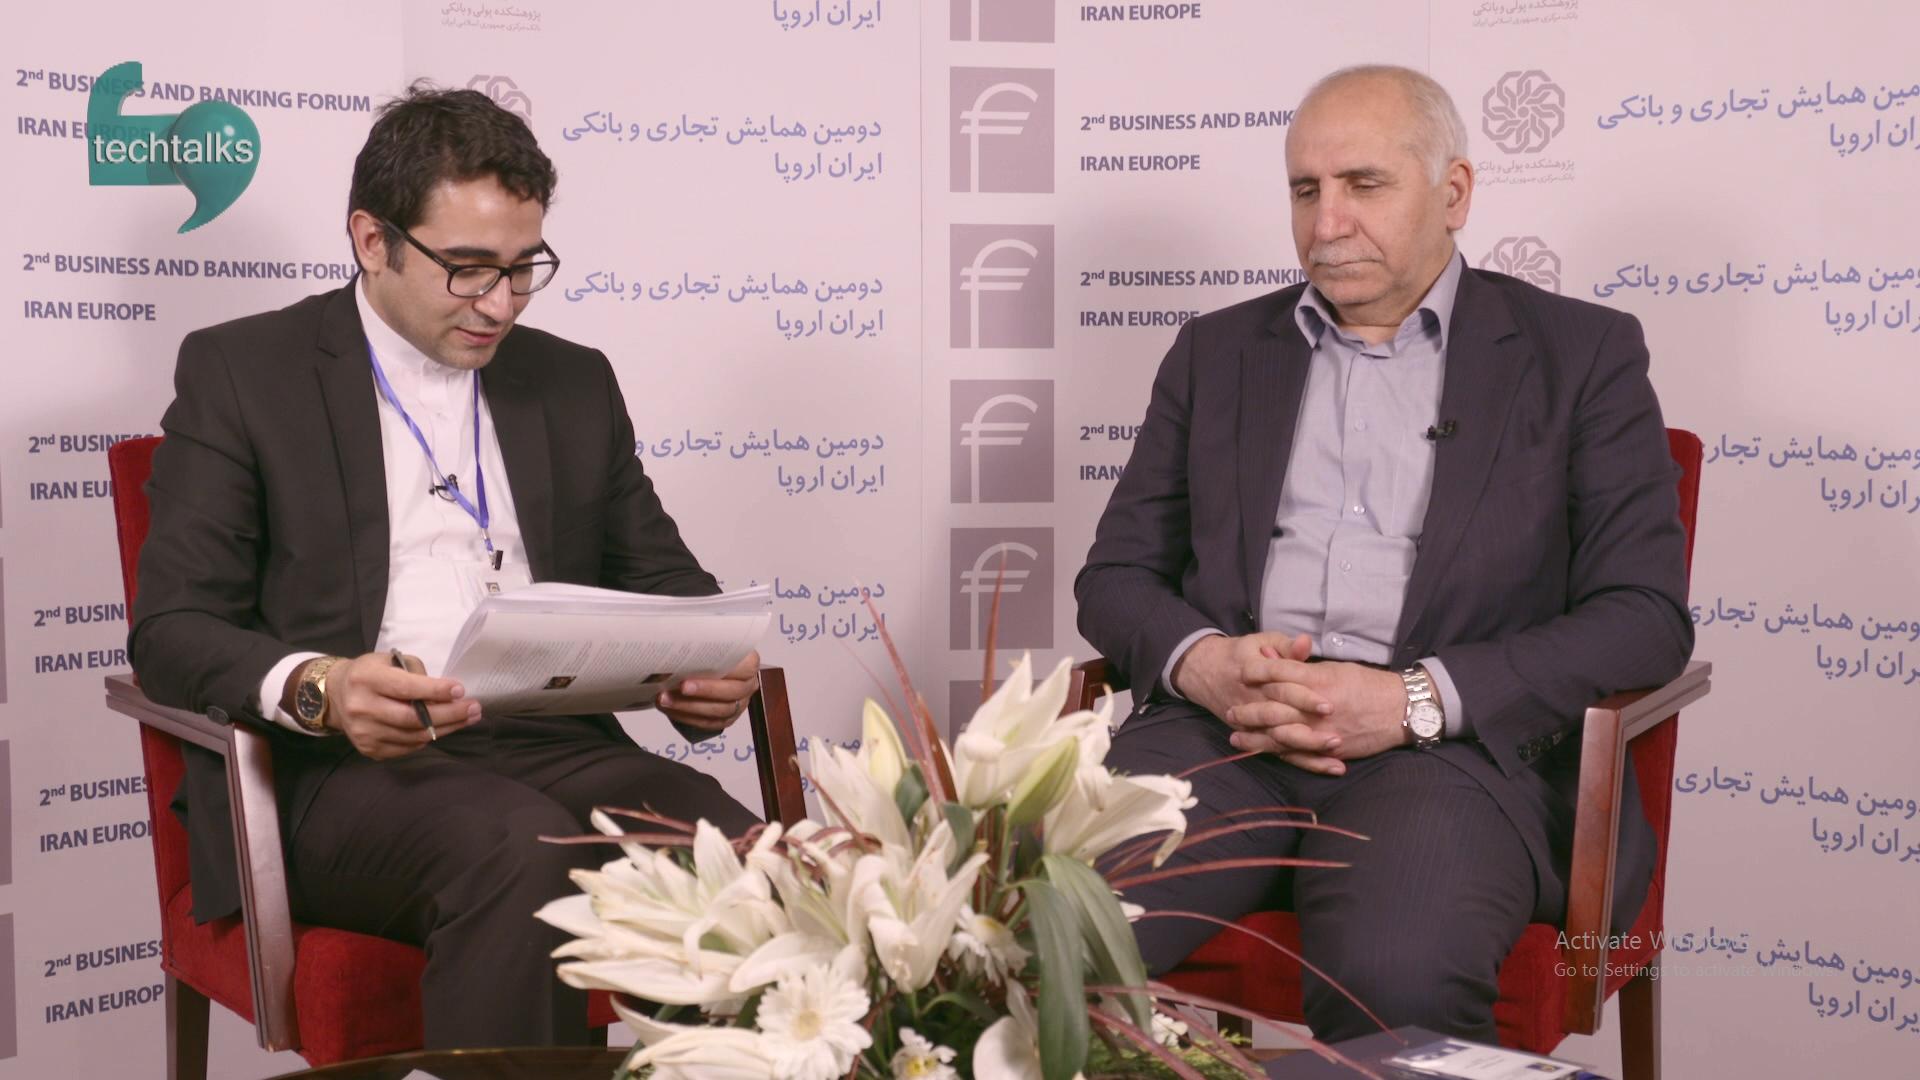 تک تاکس - همایش تجاری و بانکی ایران اروپا(29)- گفتگو با جناب آقای سرقینی - techtalks.ir